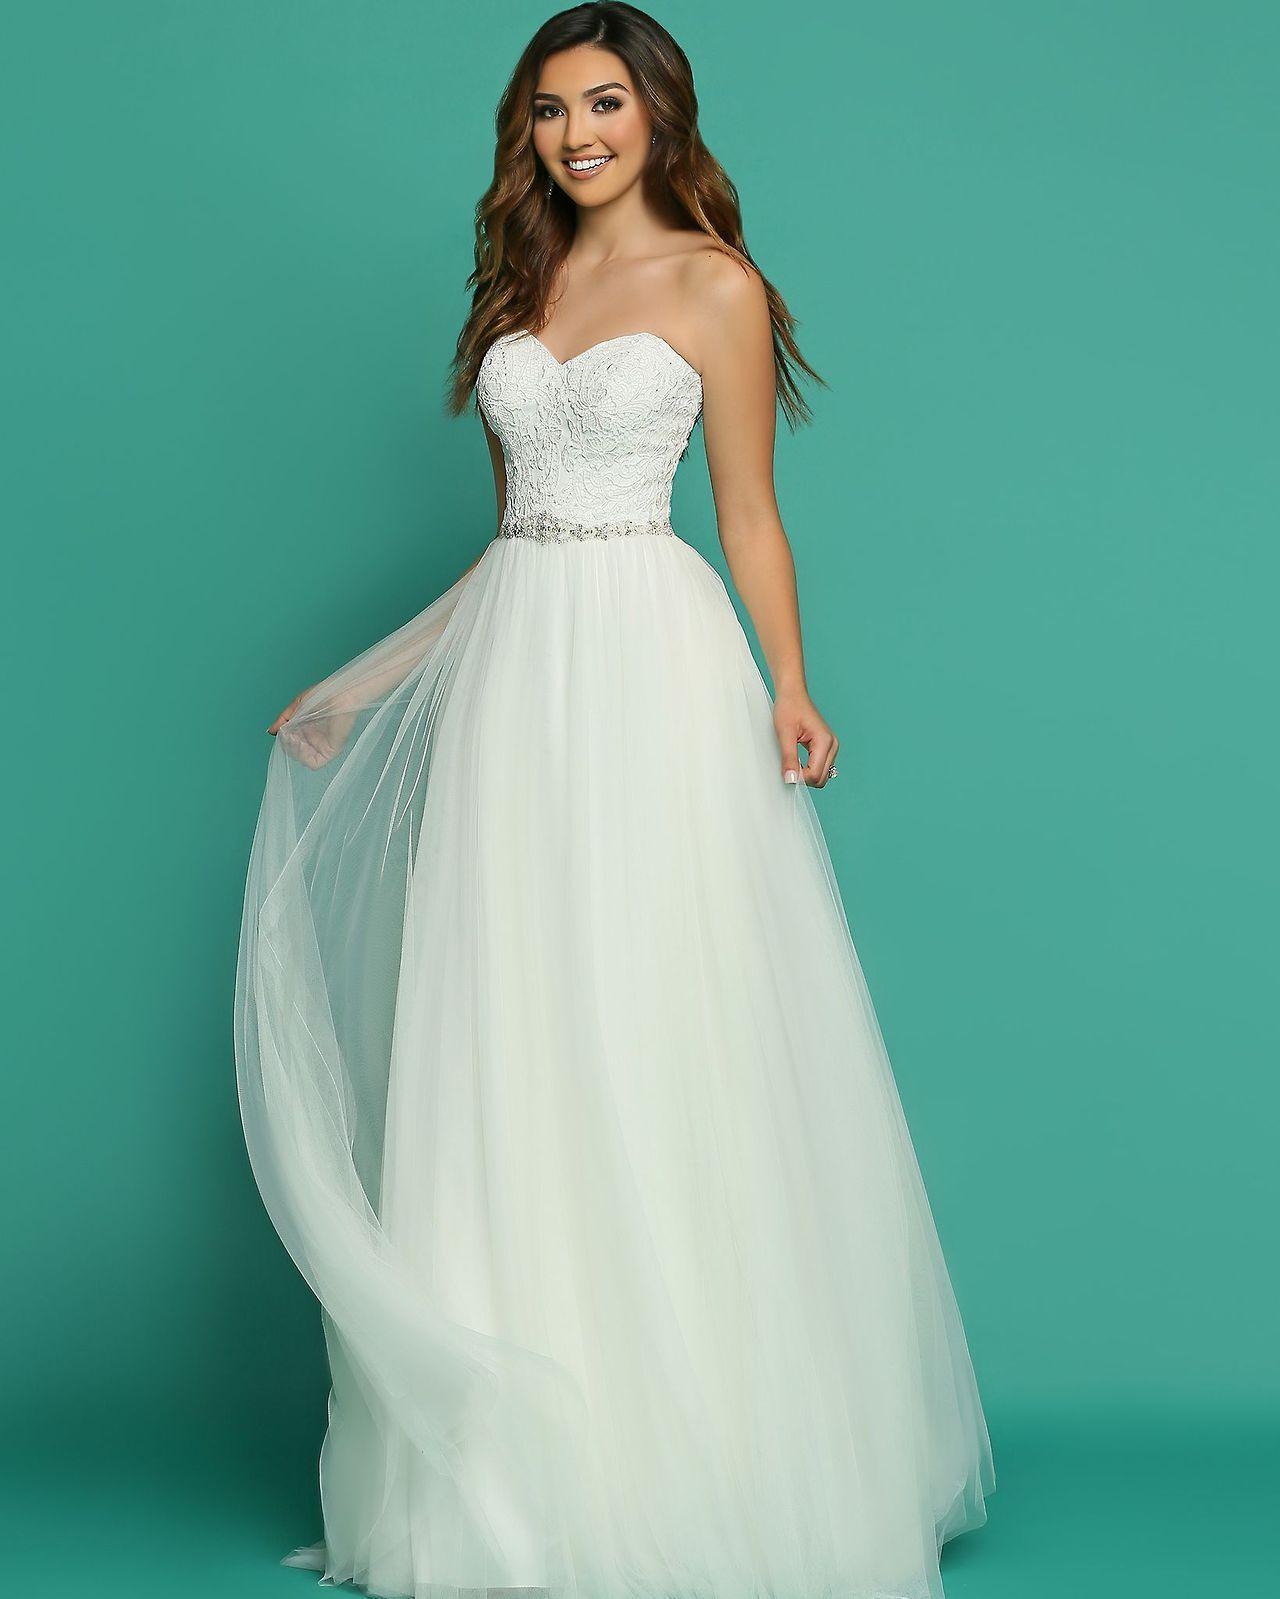 Hermosa Vestido De Novia Jwoww Fotos - Ideas de Estilos de Vestido ...